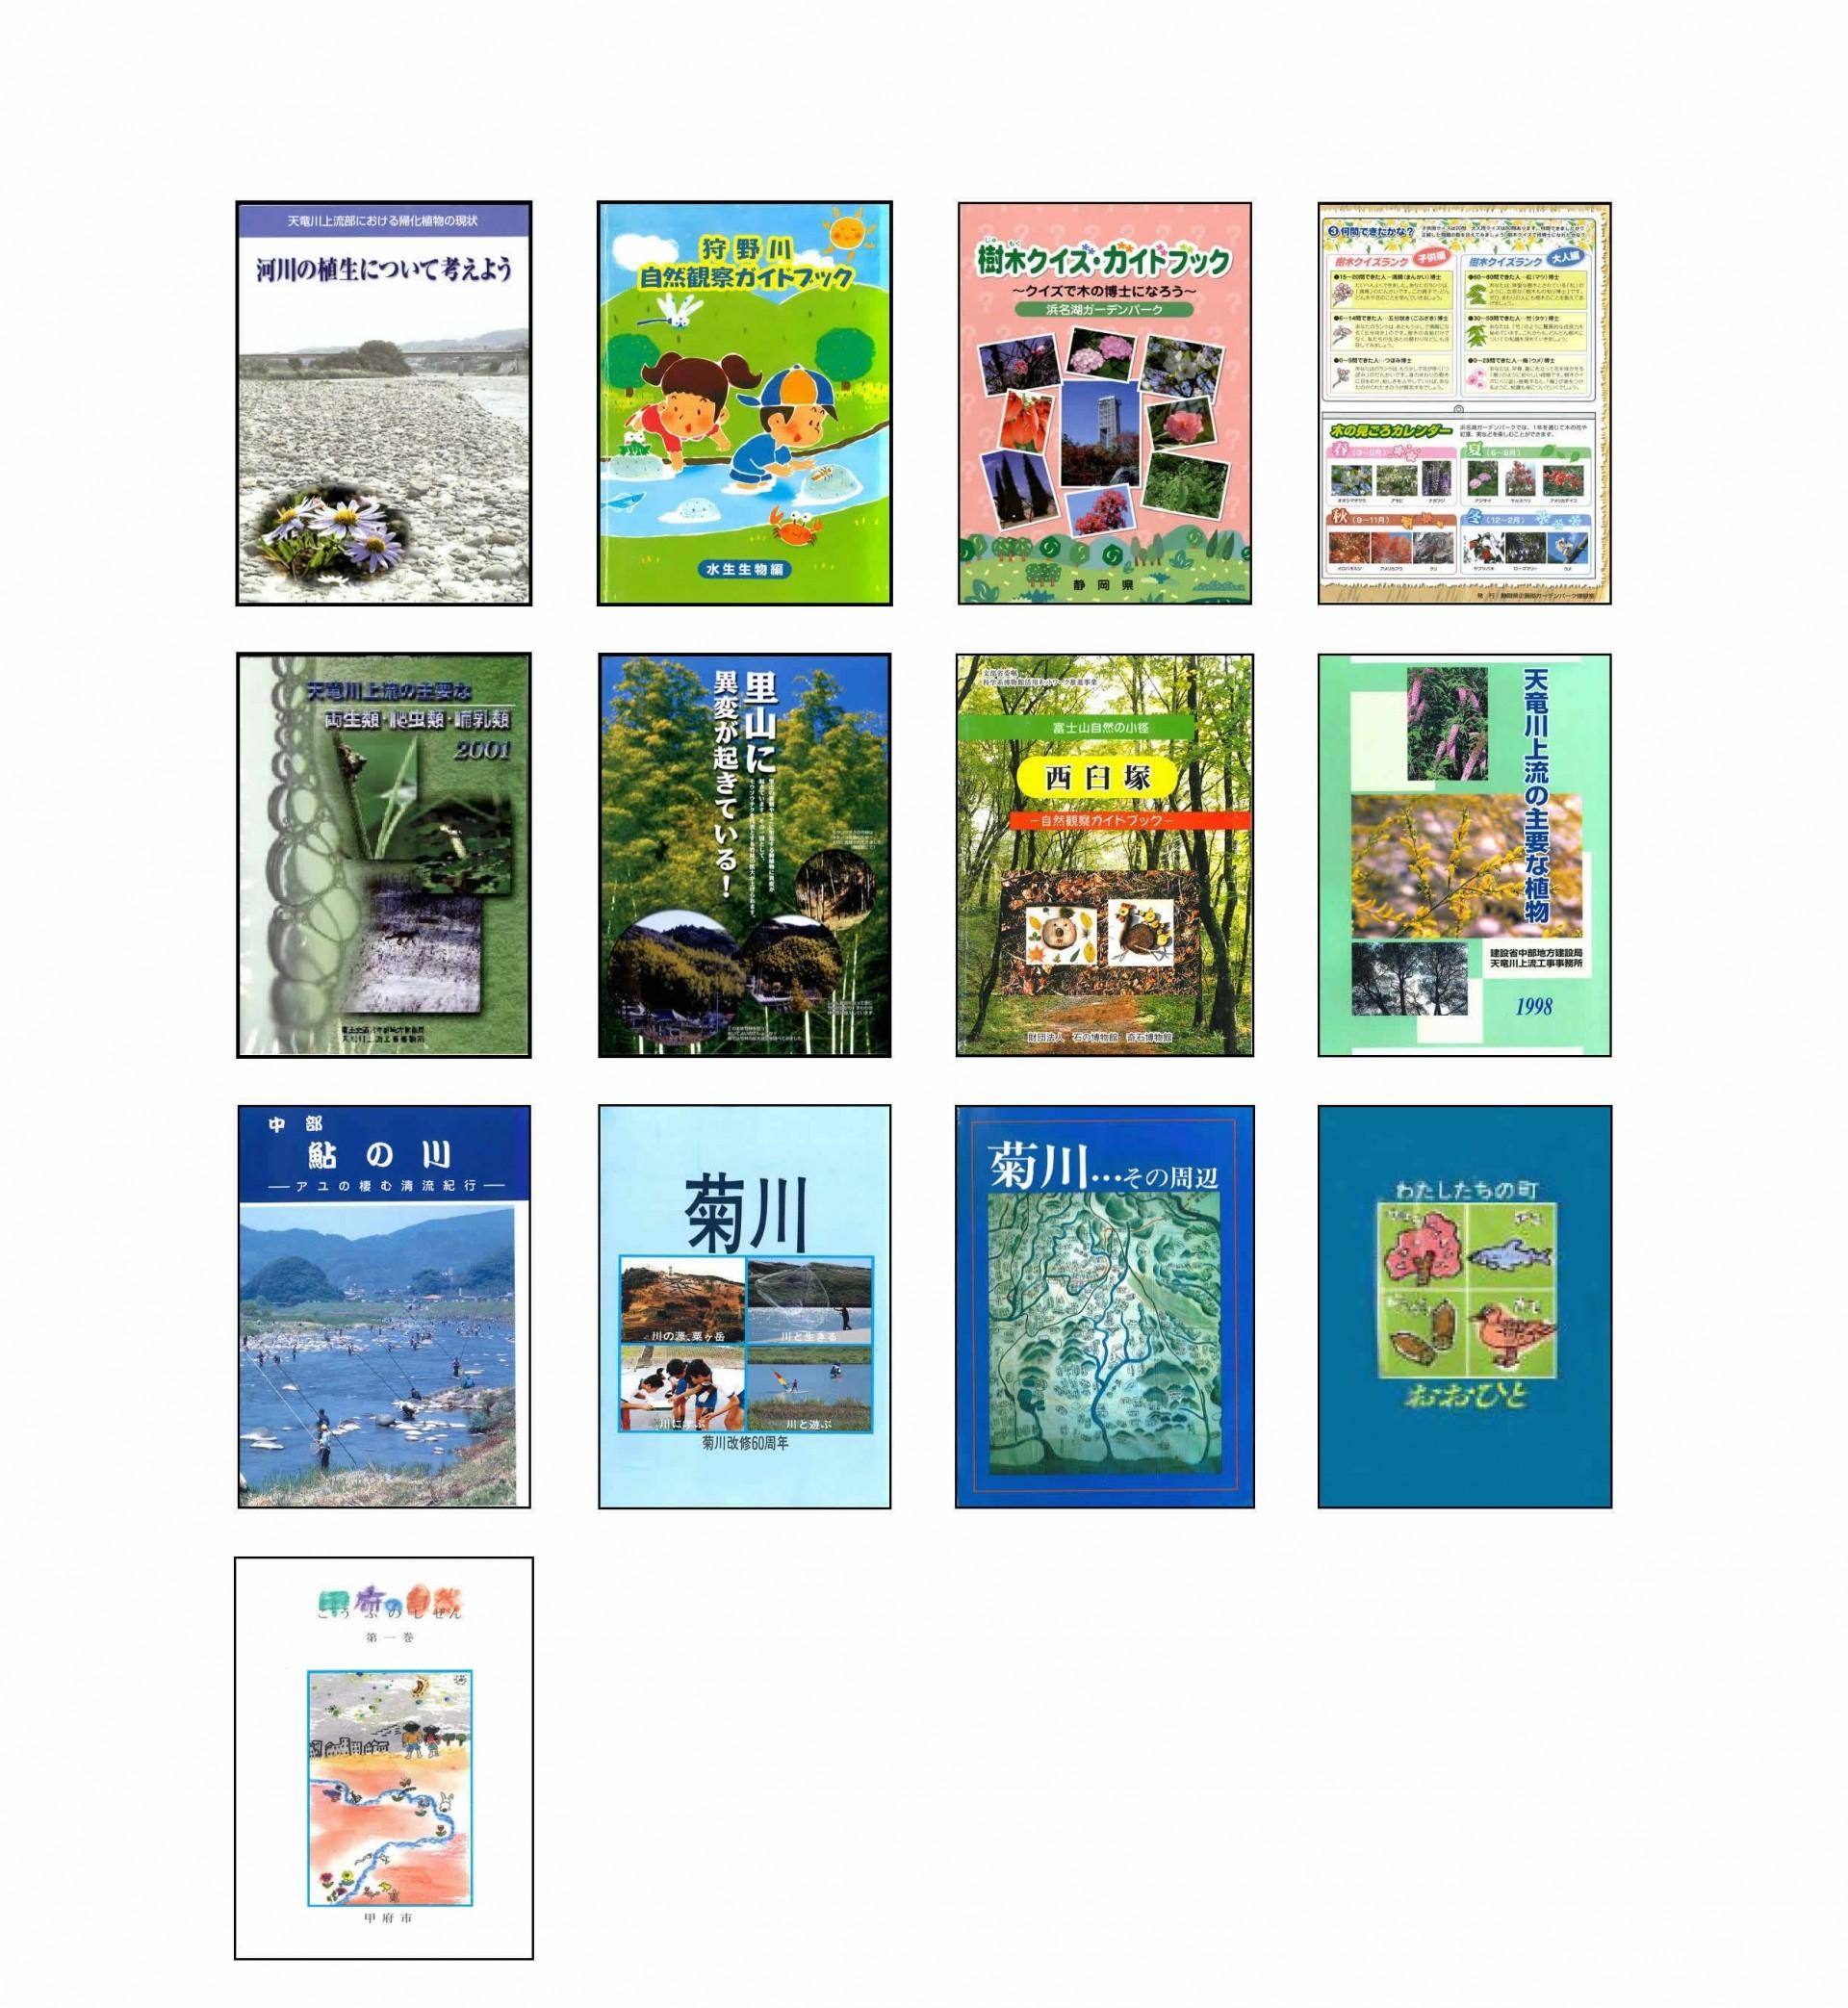 成果品事例6(環境自然観察・環境教育副読本)